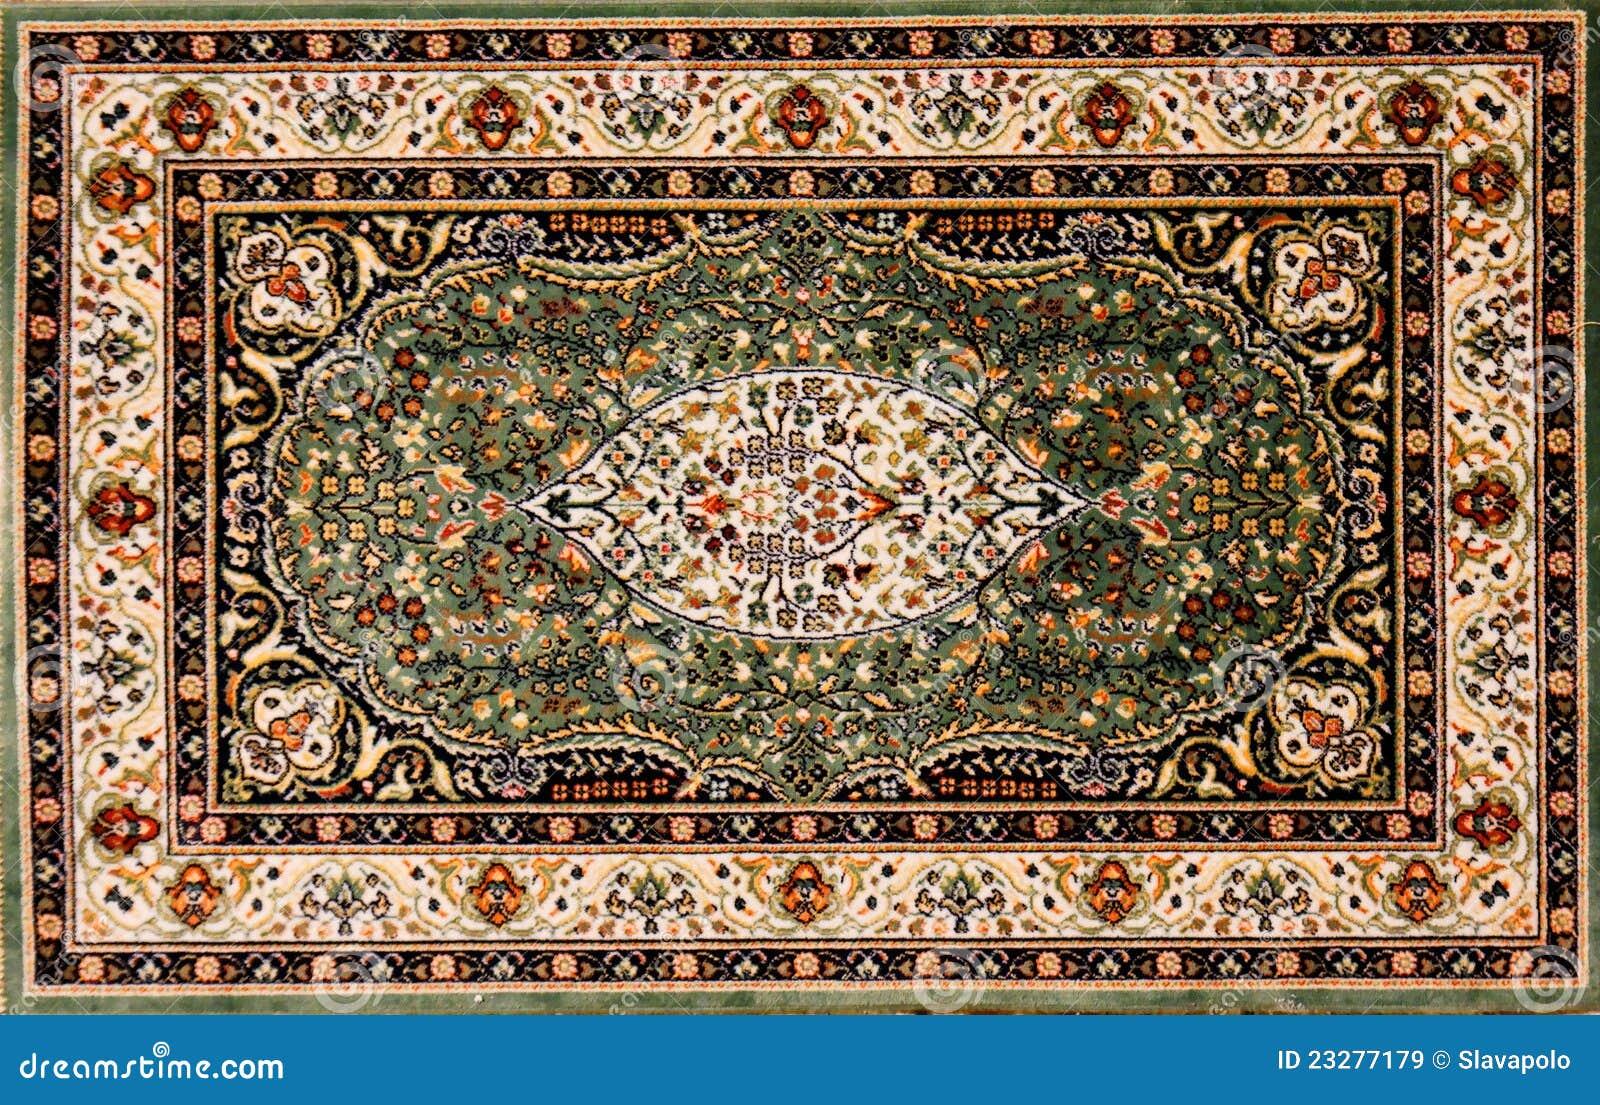 阿拉伯花卉模式地毯